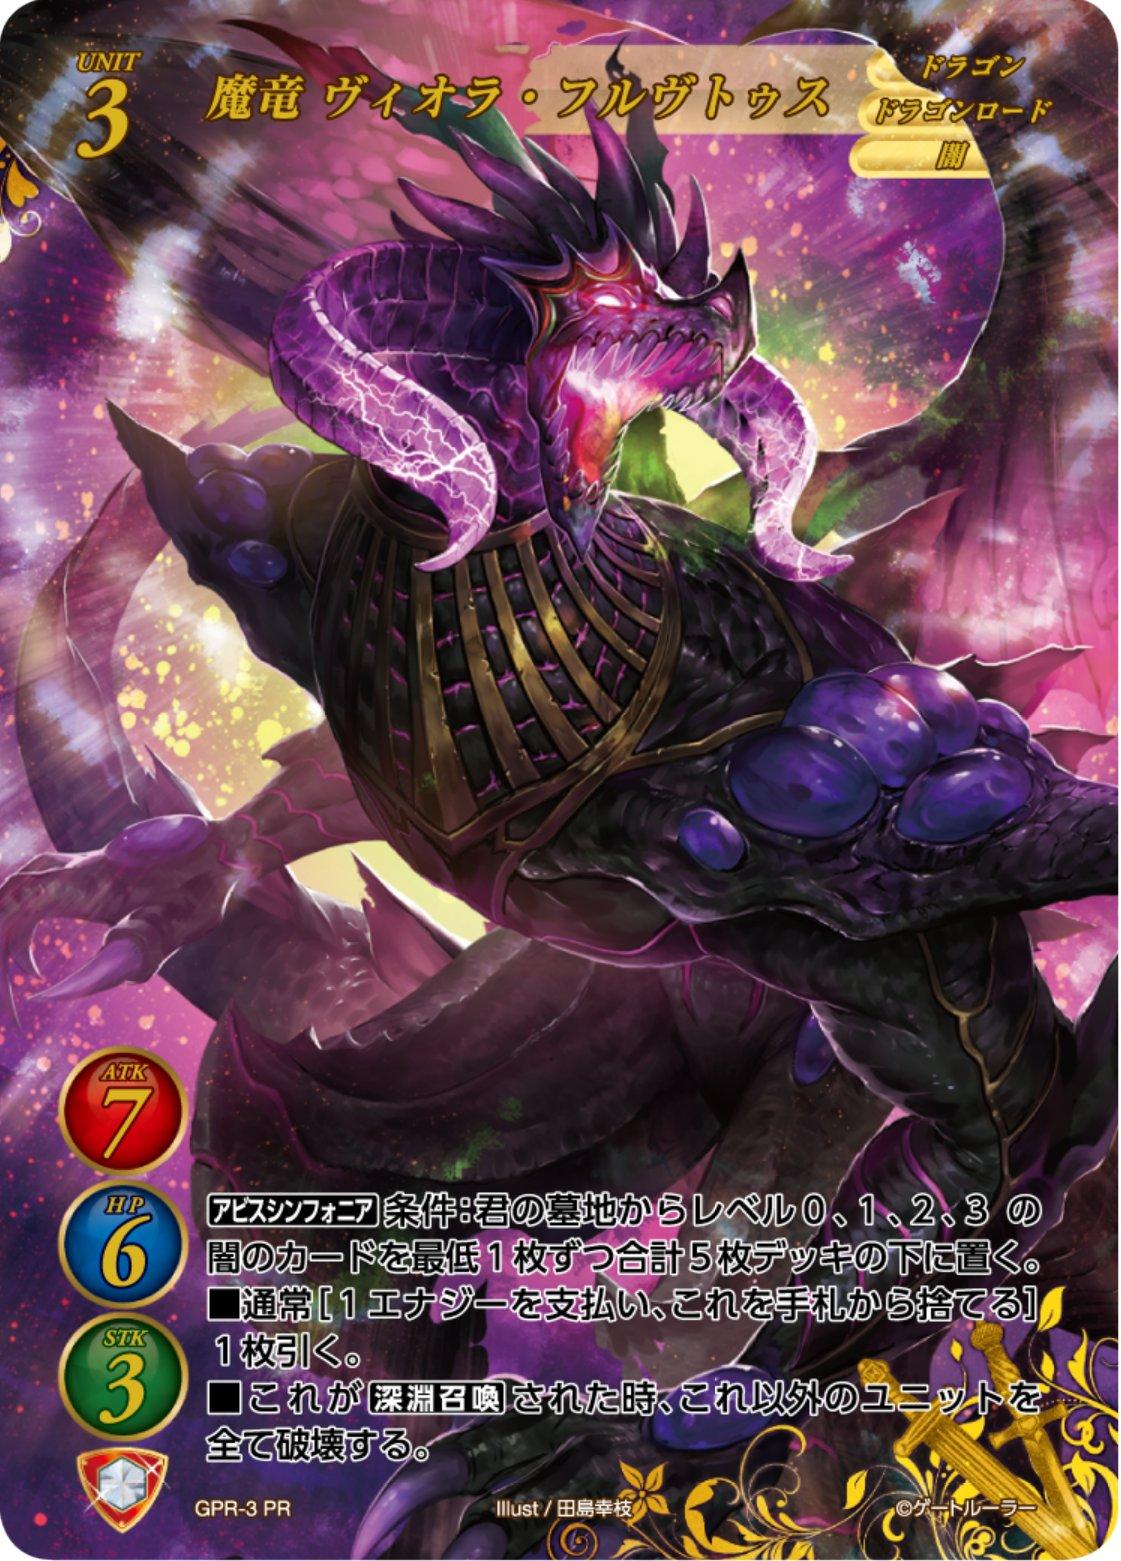 魔竜 ヴィオラ・フルヴトゥス